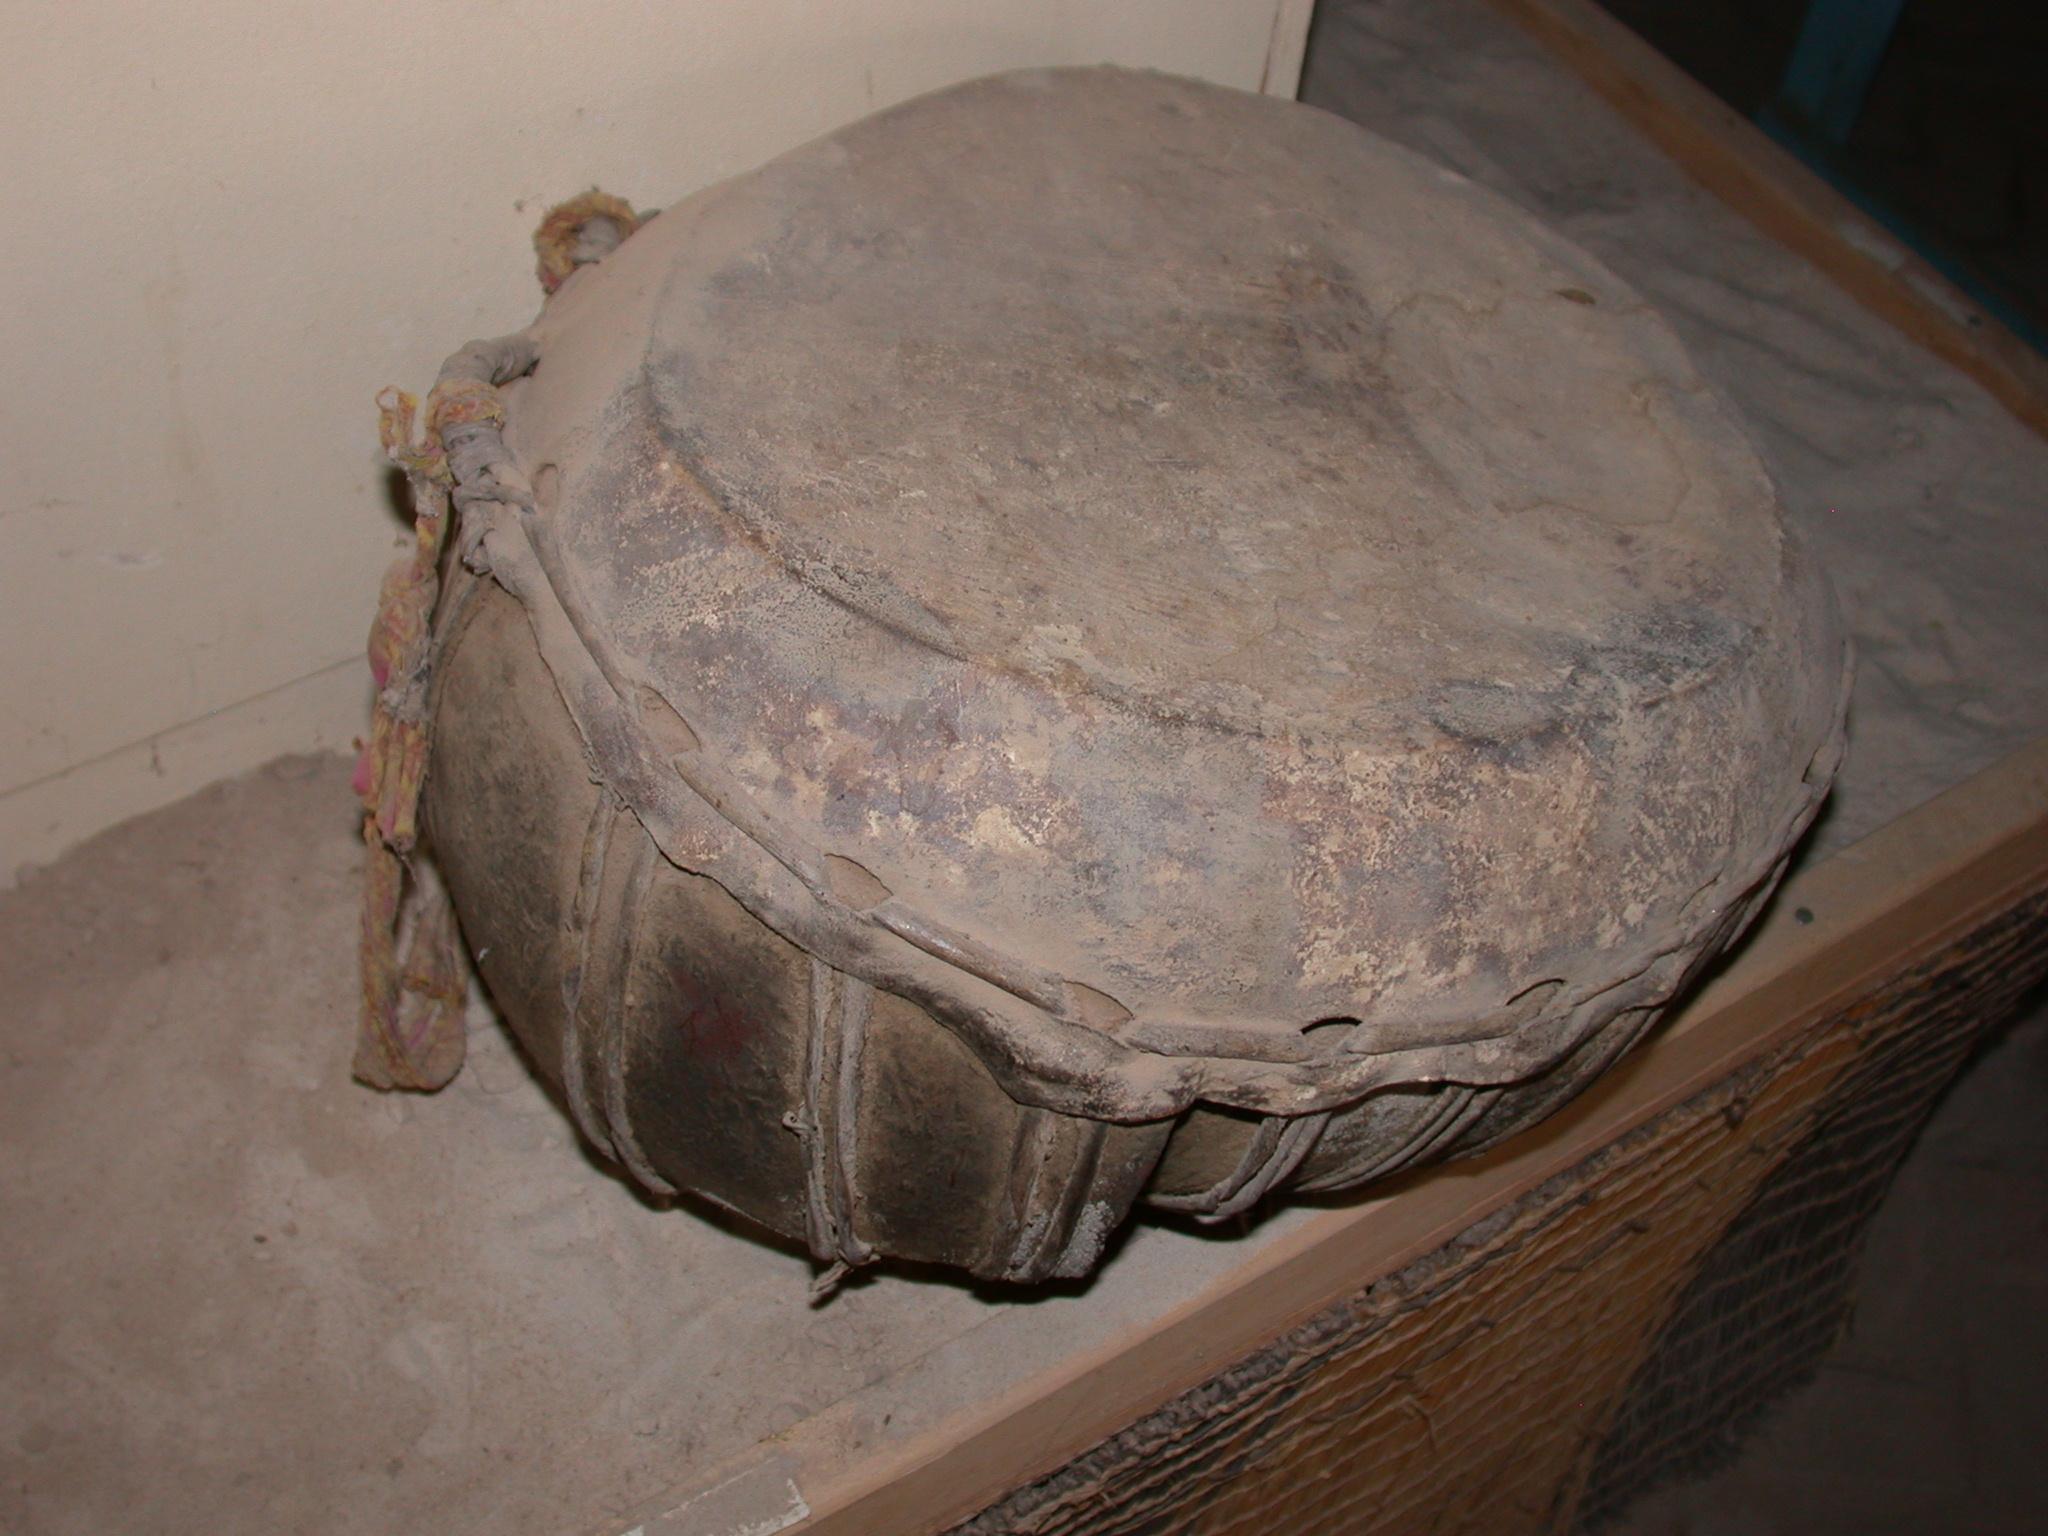 Tubal Drum, Timbuktu Ethnological Museum, Timbuktu, Mali